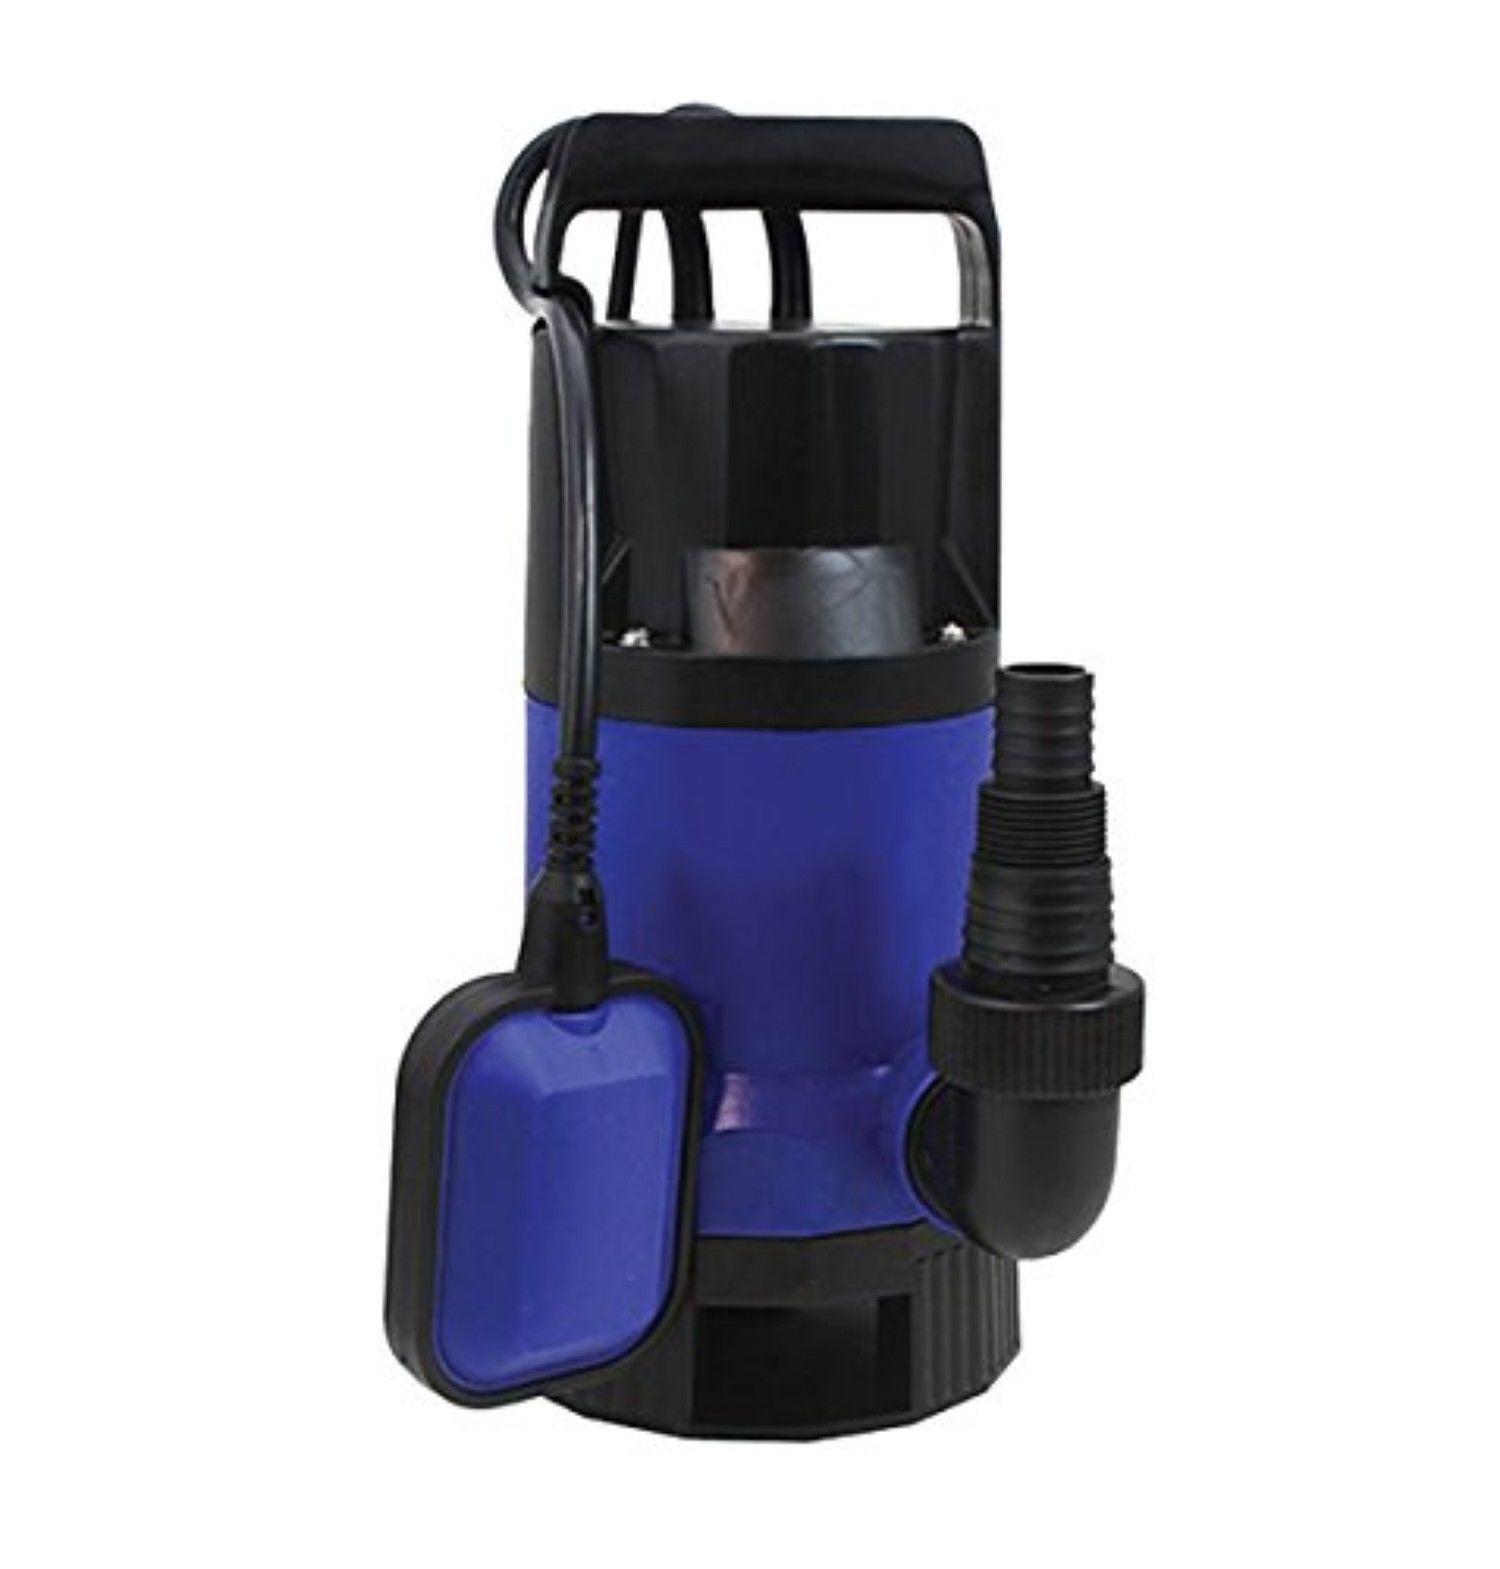 NEW 1/2 HP SUMP PUMP 2000 GPH DIRTY WATER 400E